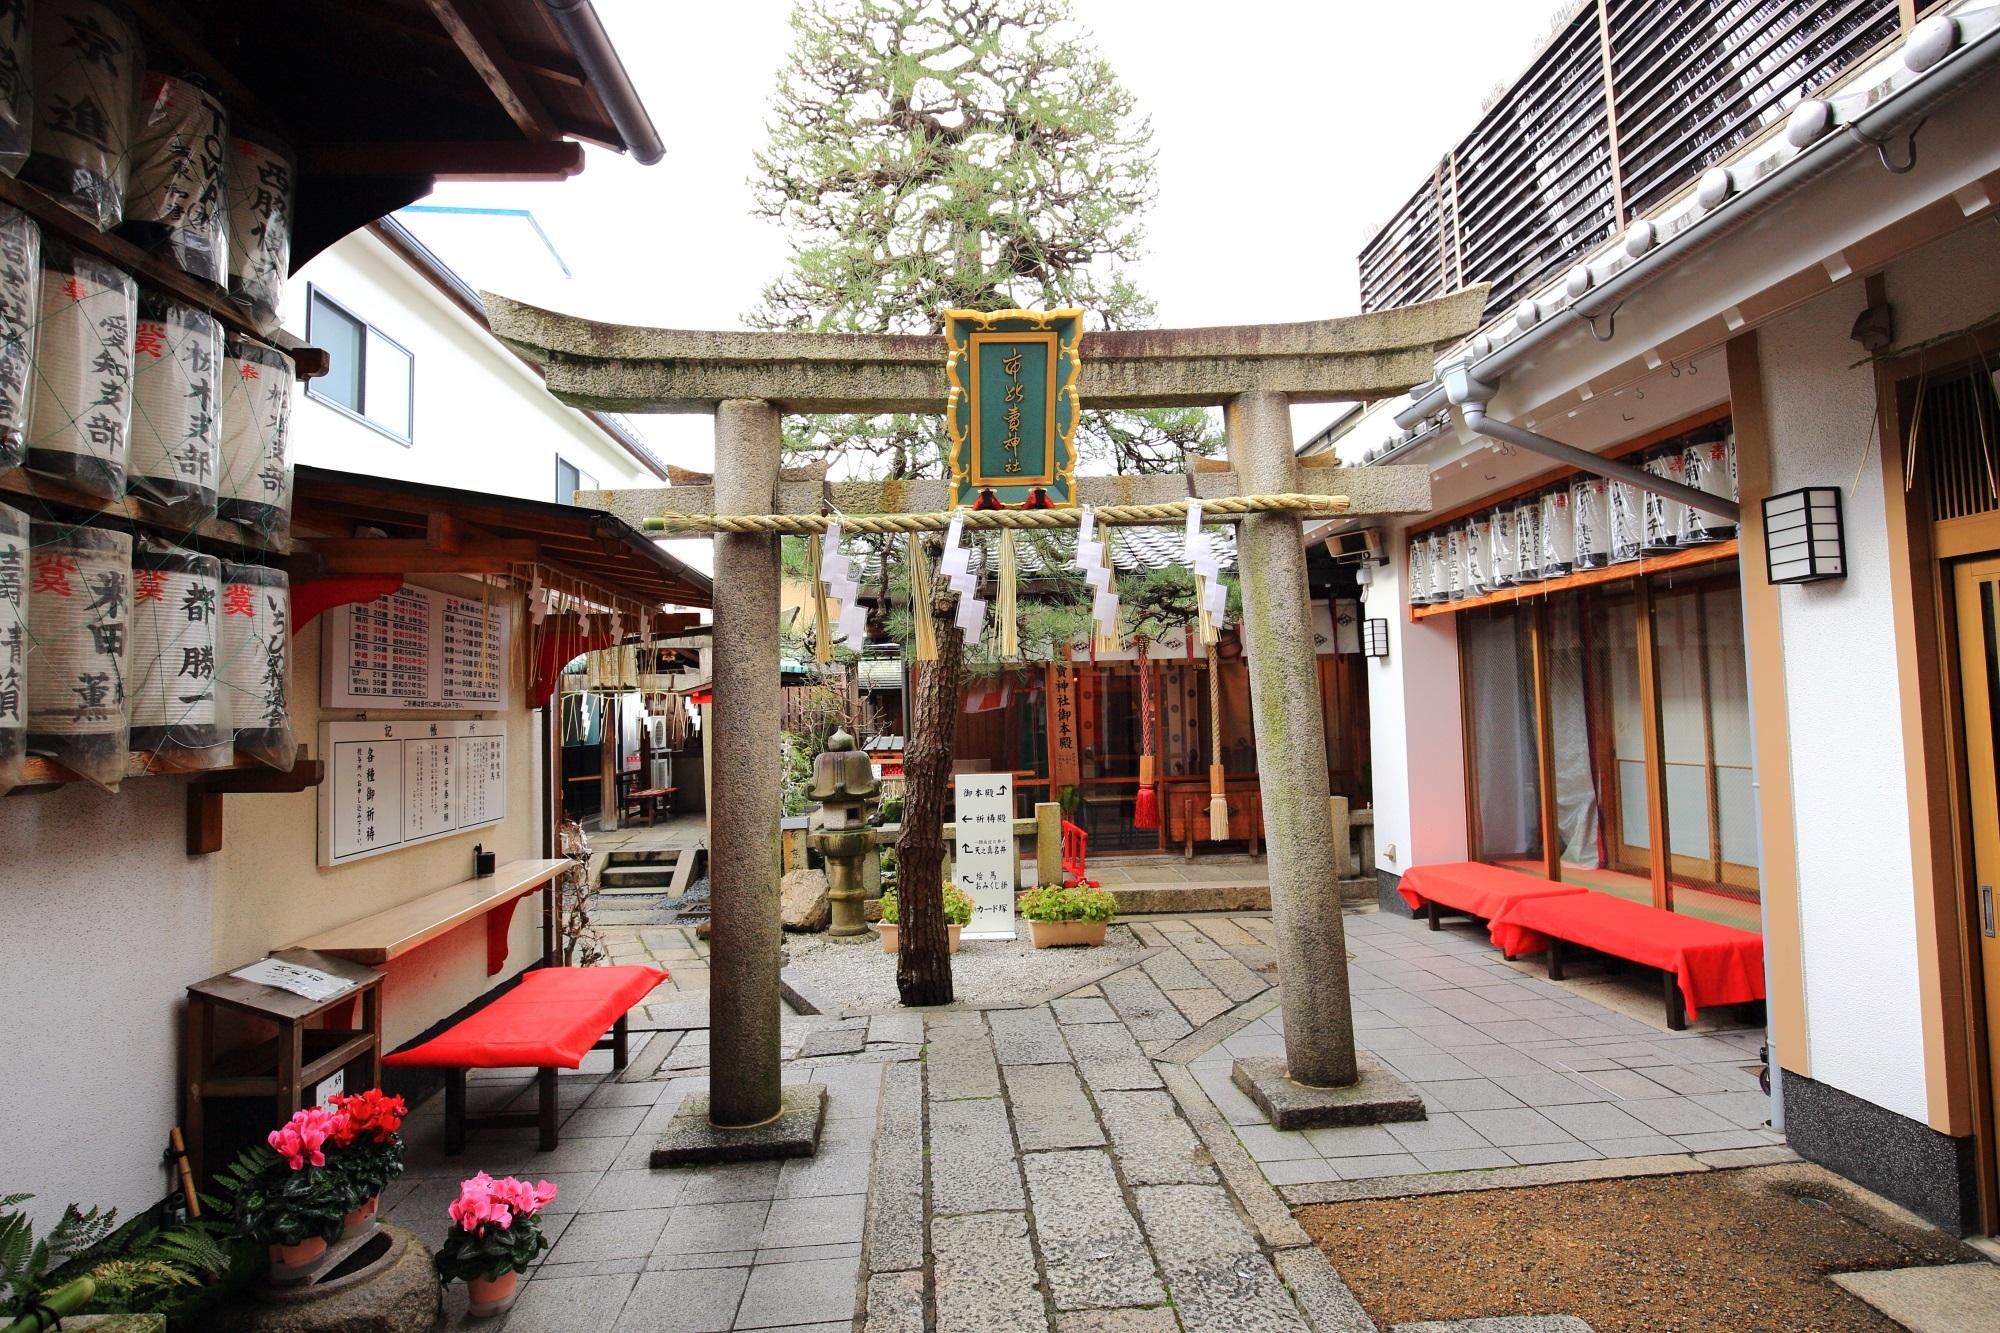 鳥居が建つ奥行きのある境内の市比賣神社